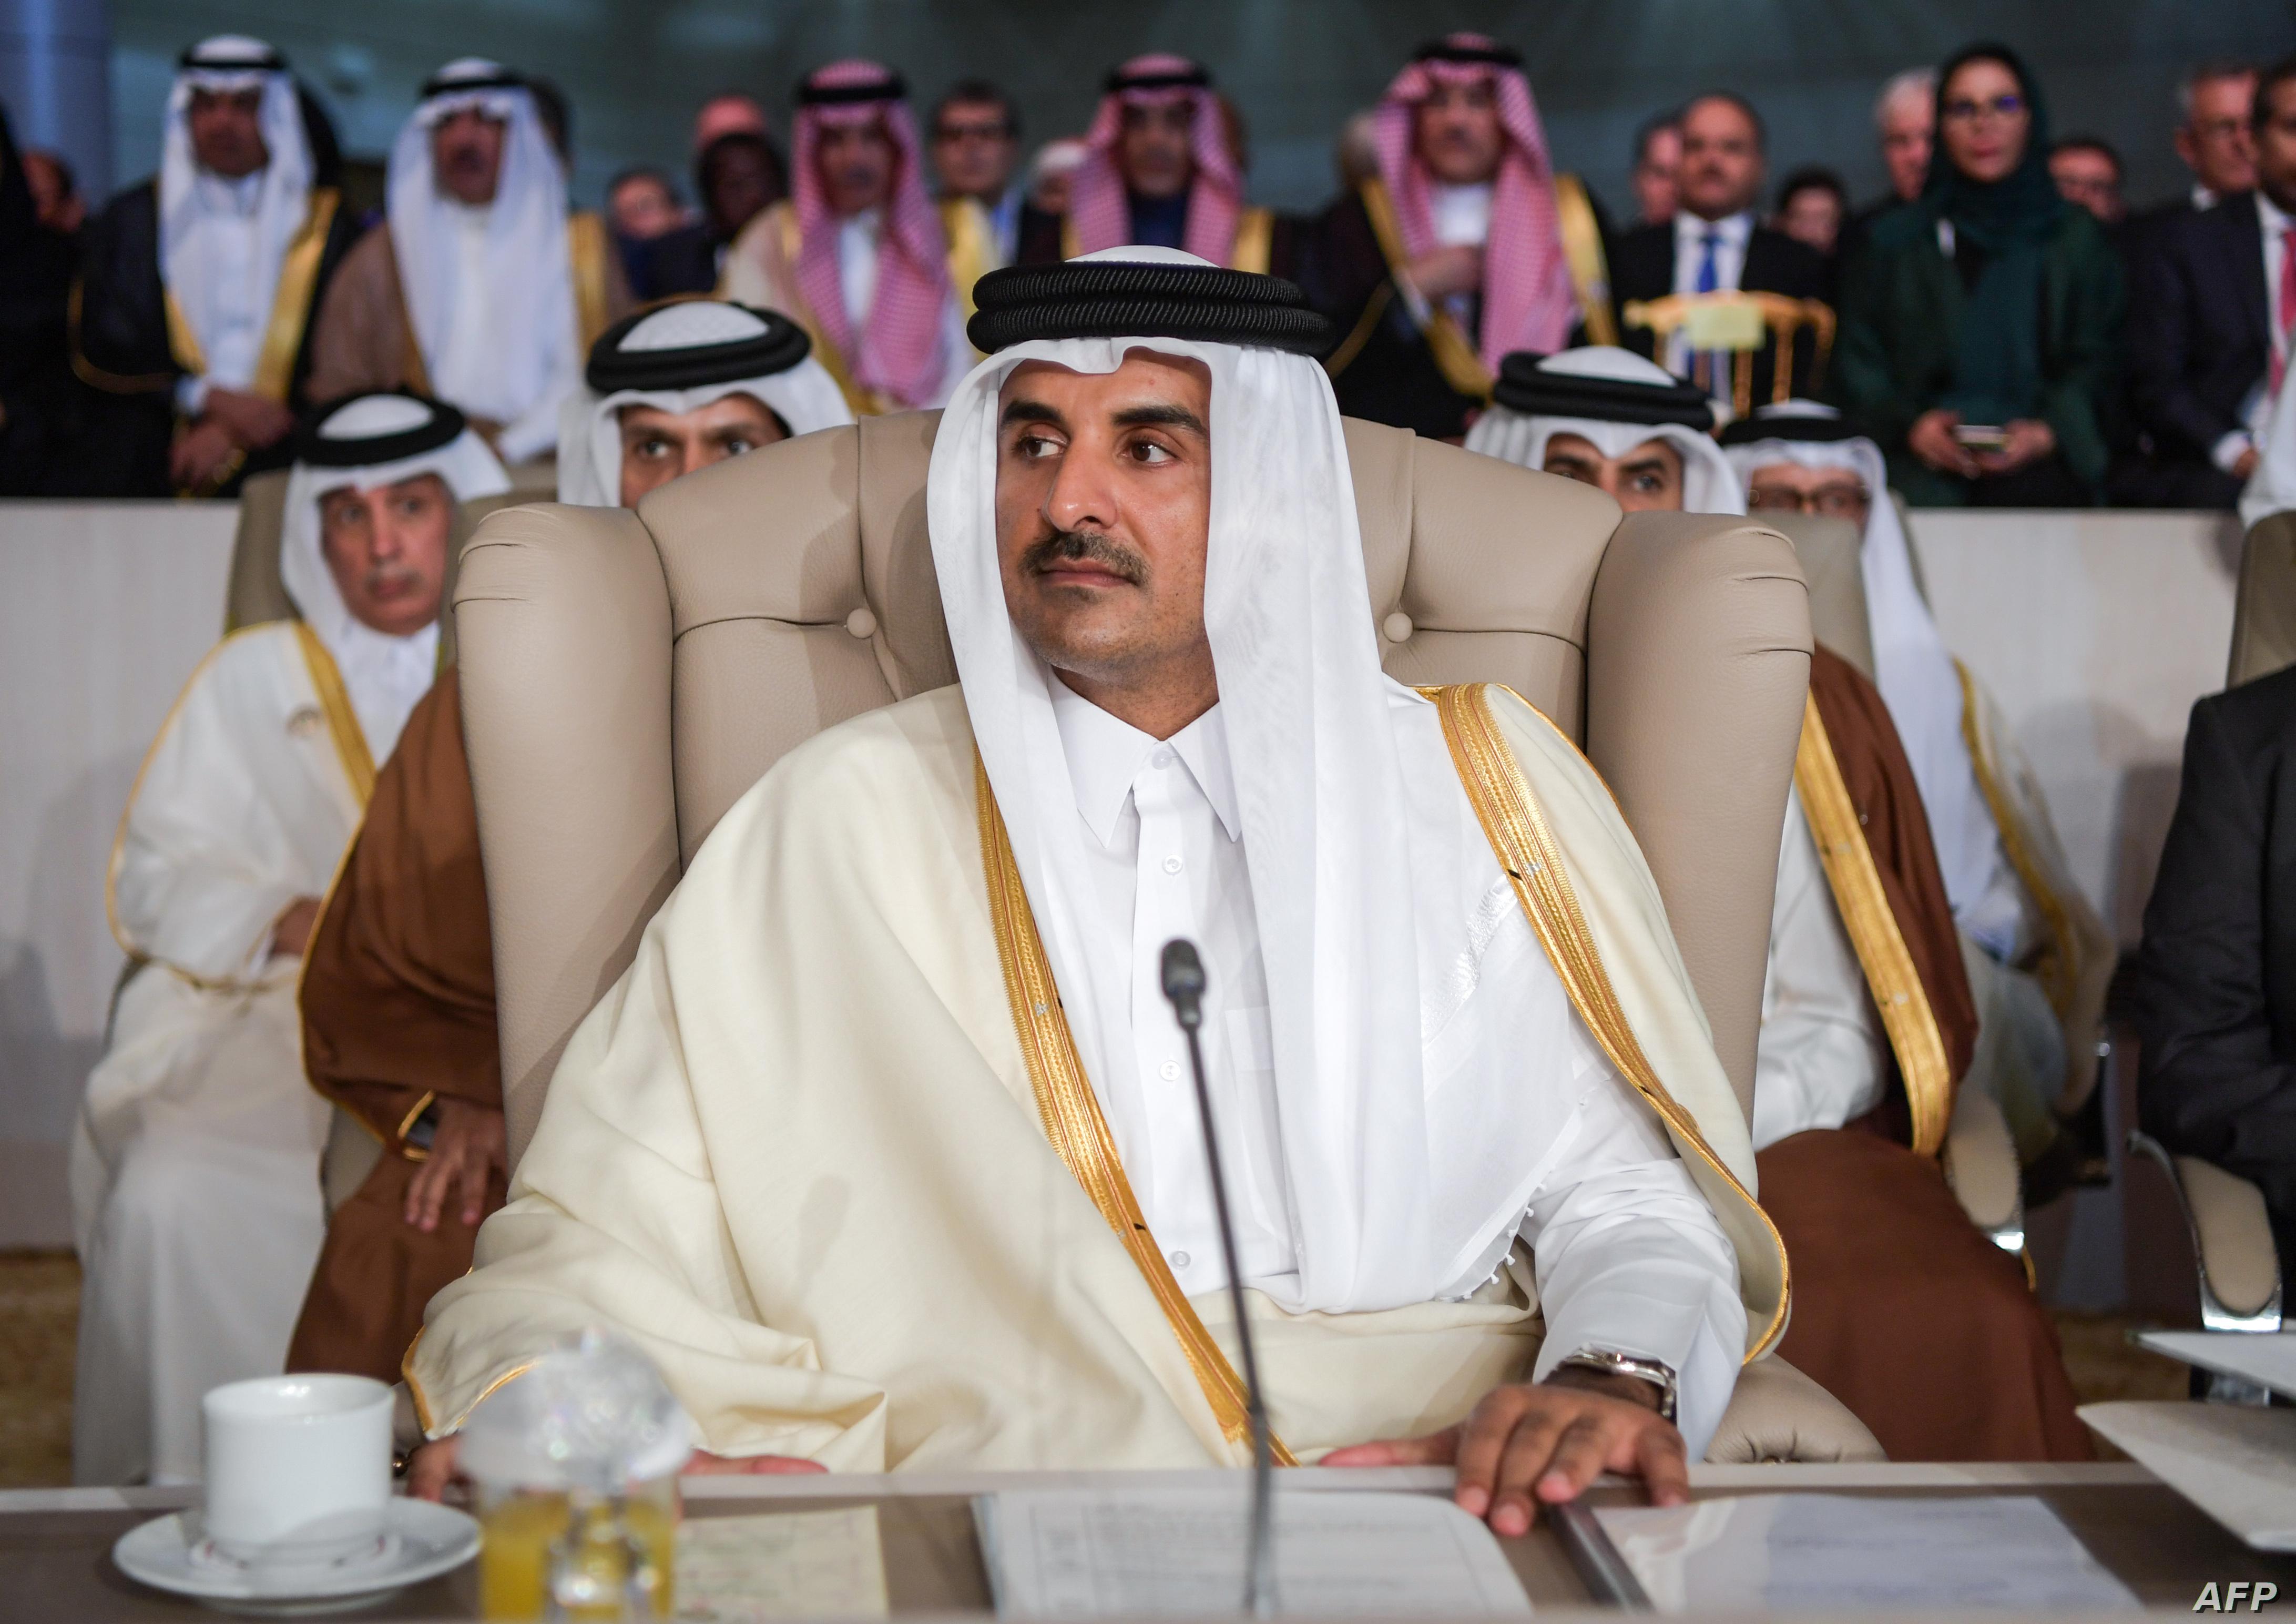 قطر تدرس الفتح التدريجي للمجالات المختلفة